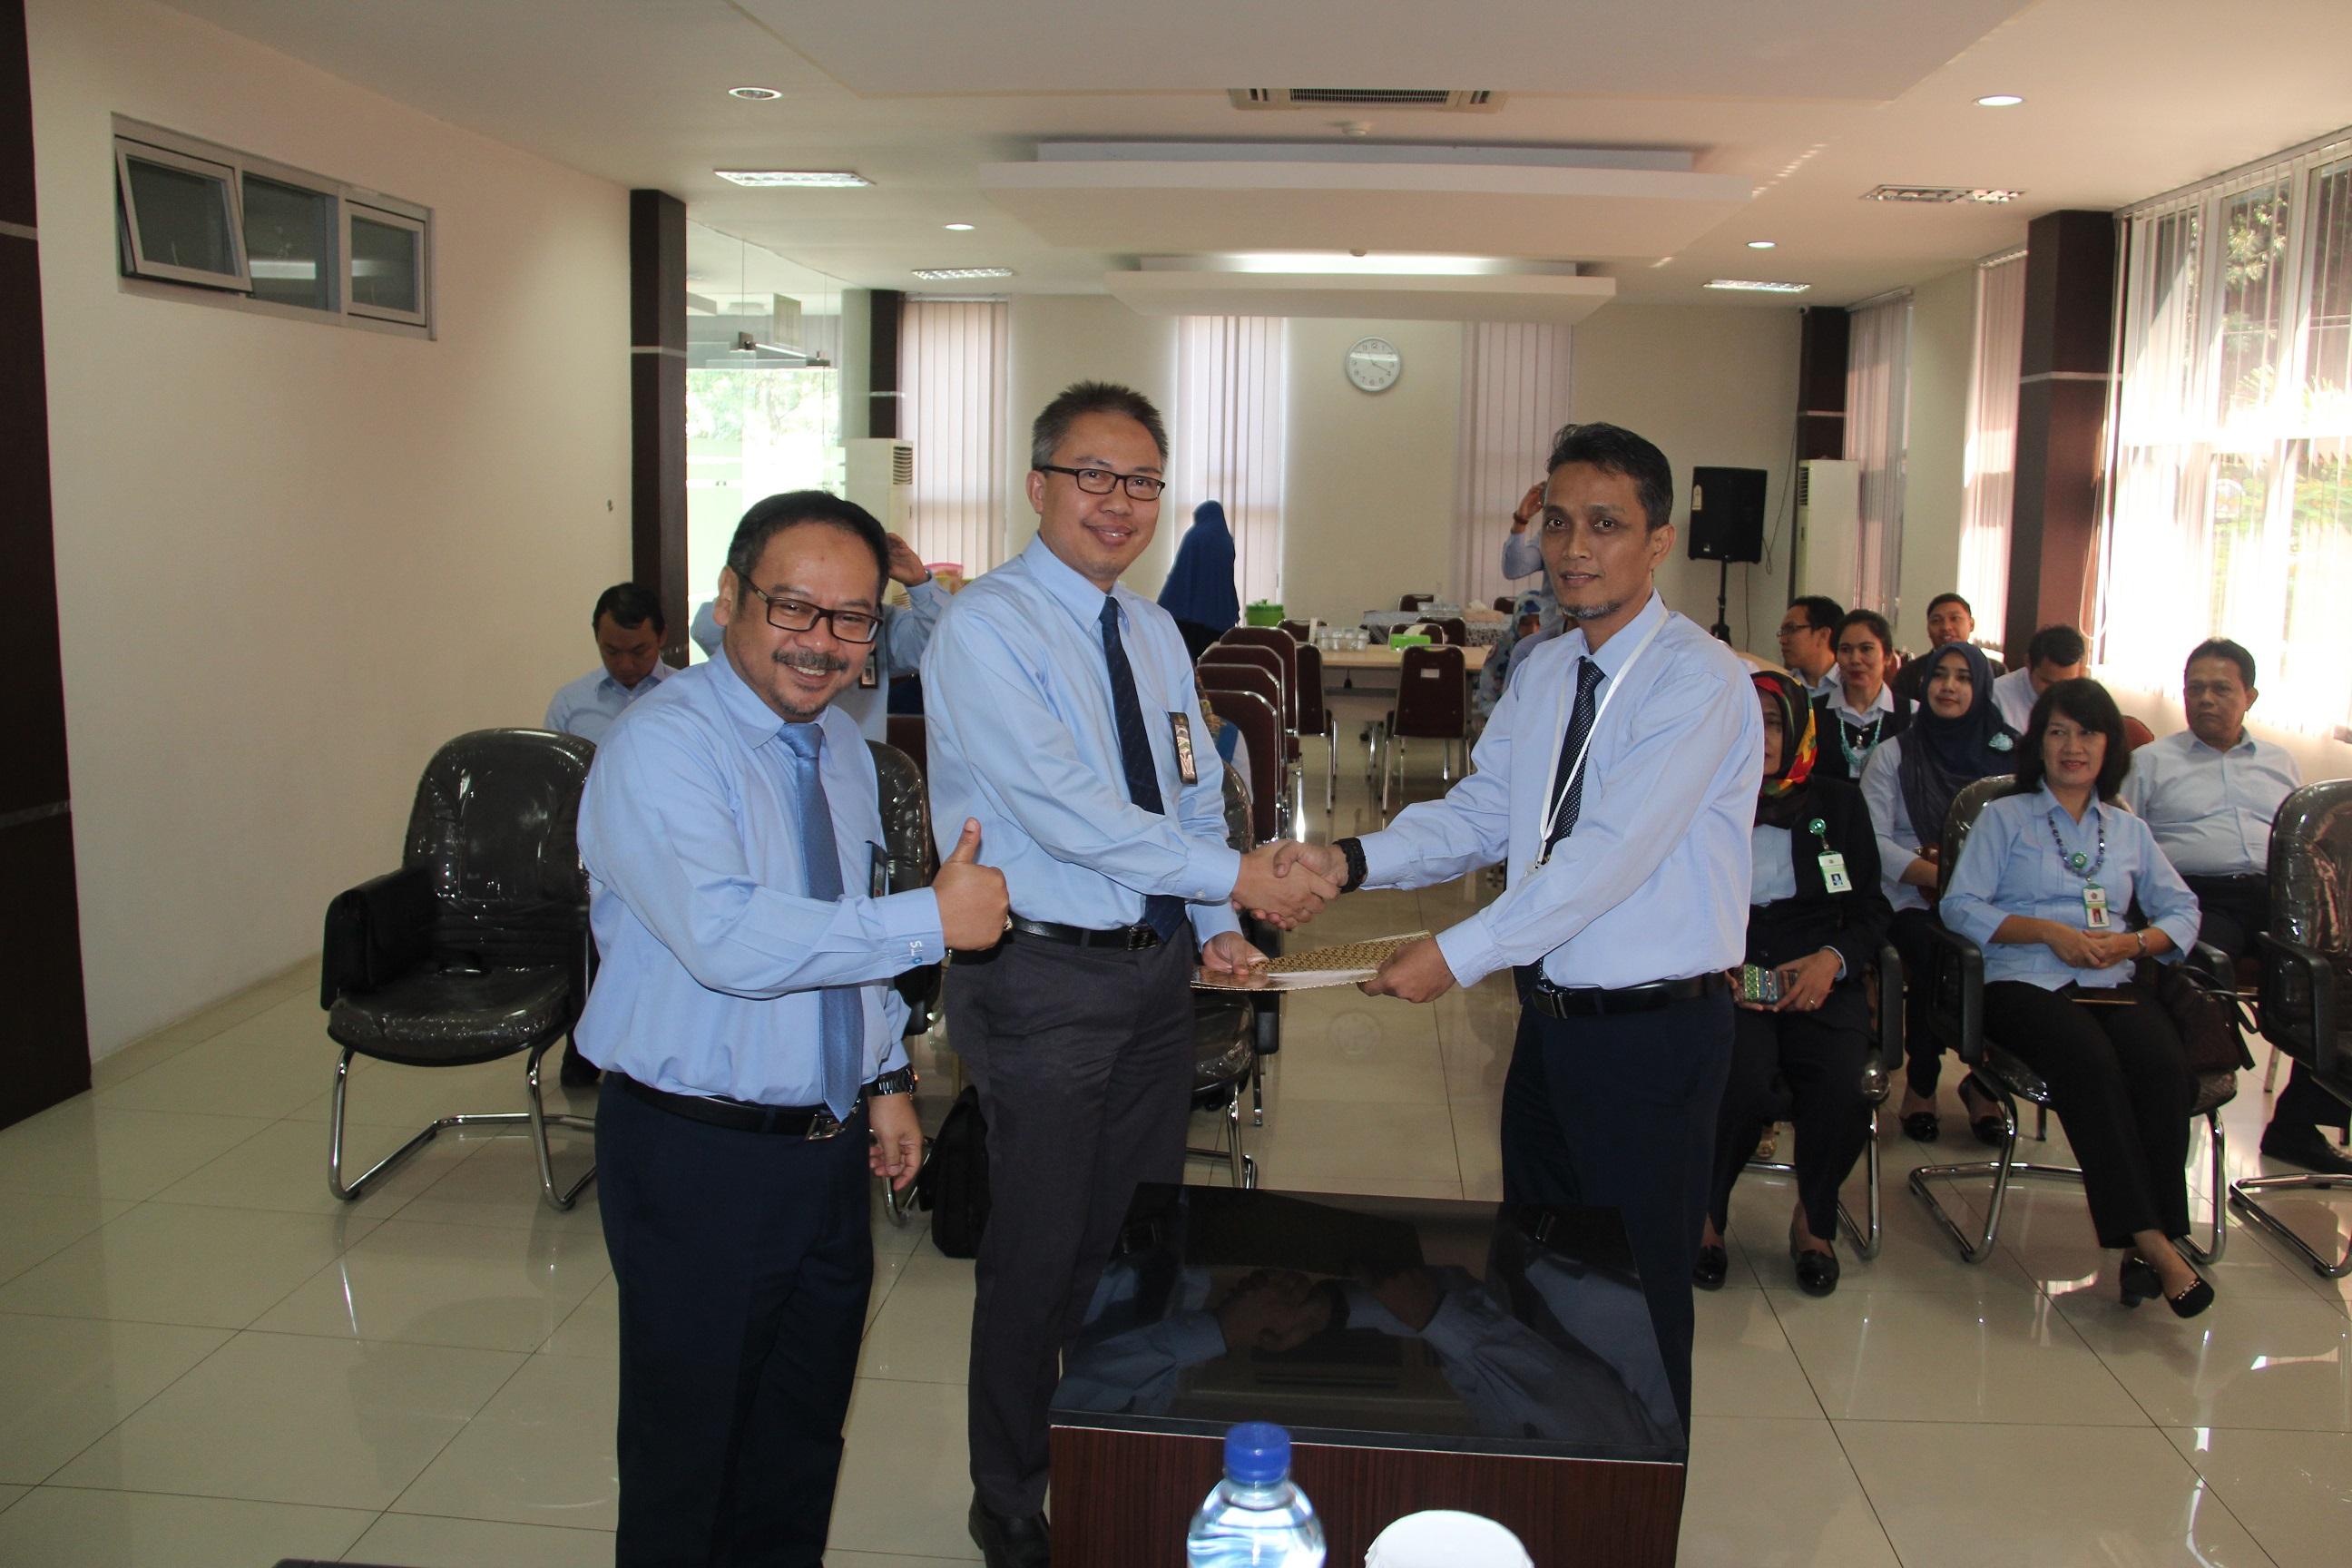 Mas Agus Subakti Gantikan Tatang Maulana sebagai Kepala KPKNL Tangerang 1